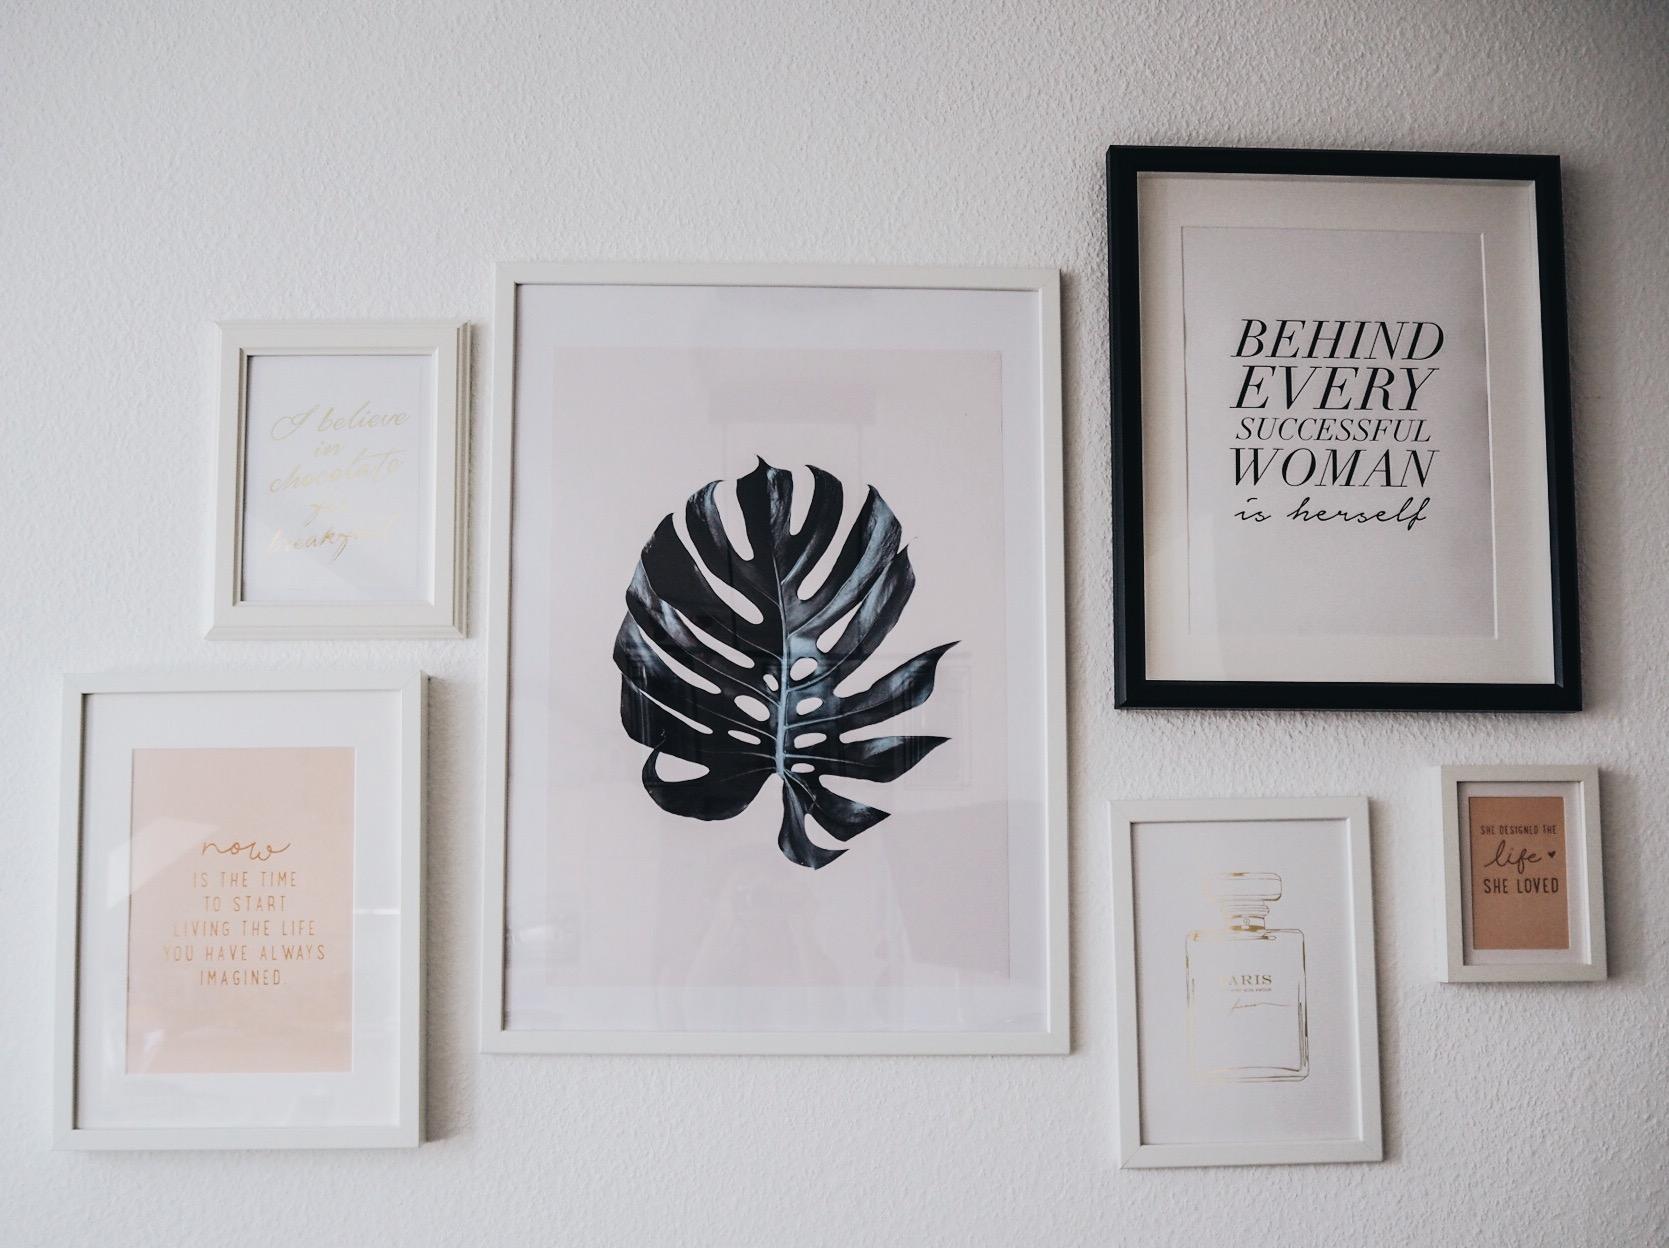 allthatchoices by laura fashionblog mainz interior inspo einrichtung inspiration diy lampe bilderwand sitzfeldt